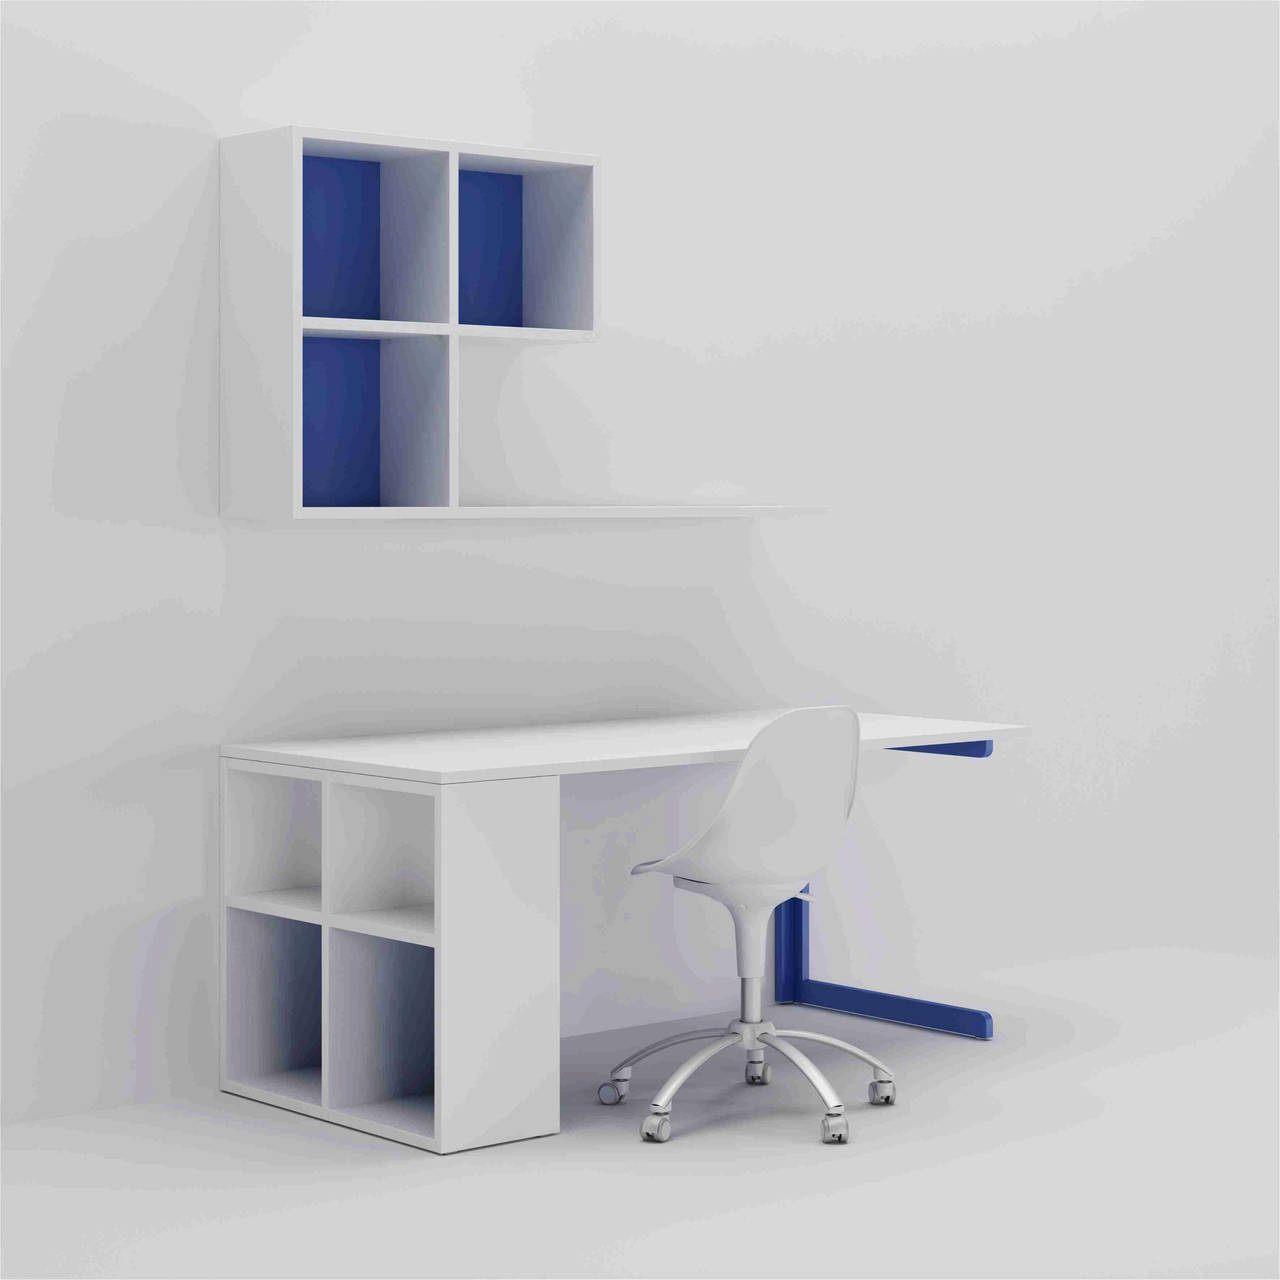 Fauteuil Lit Enfant Inspiré Chambre Enfant Ikea Magnifique Bureau Fille Chaise De Junior Beau